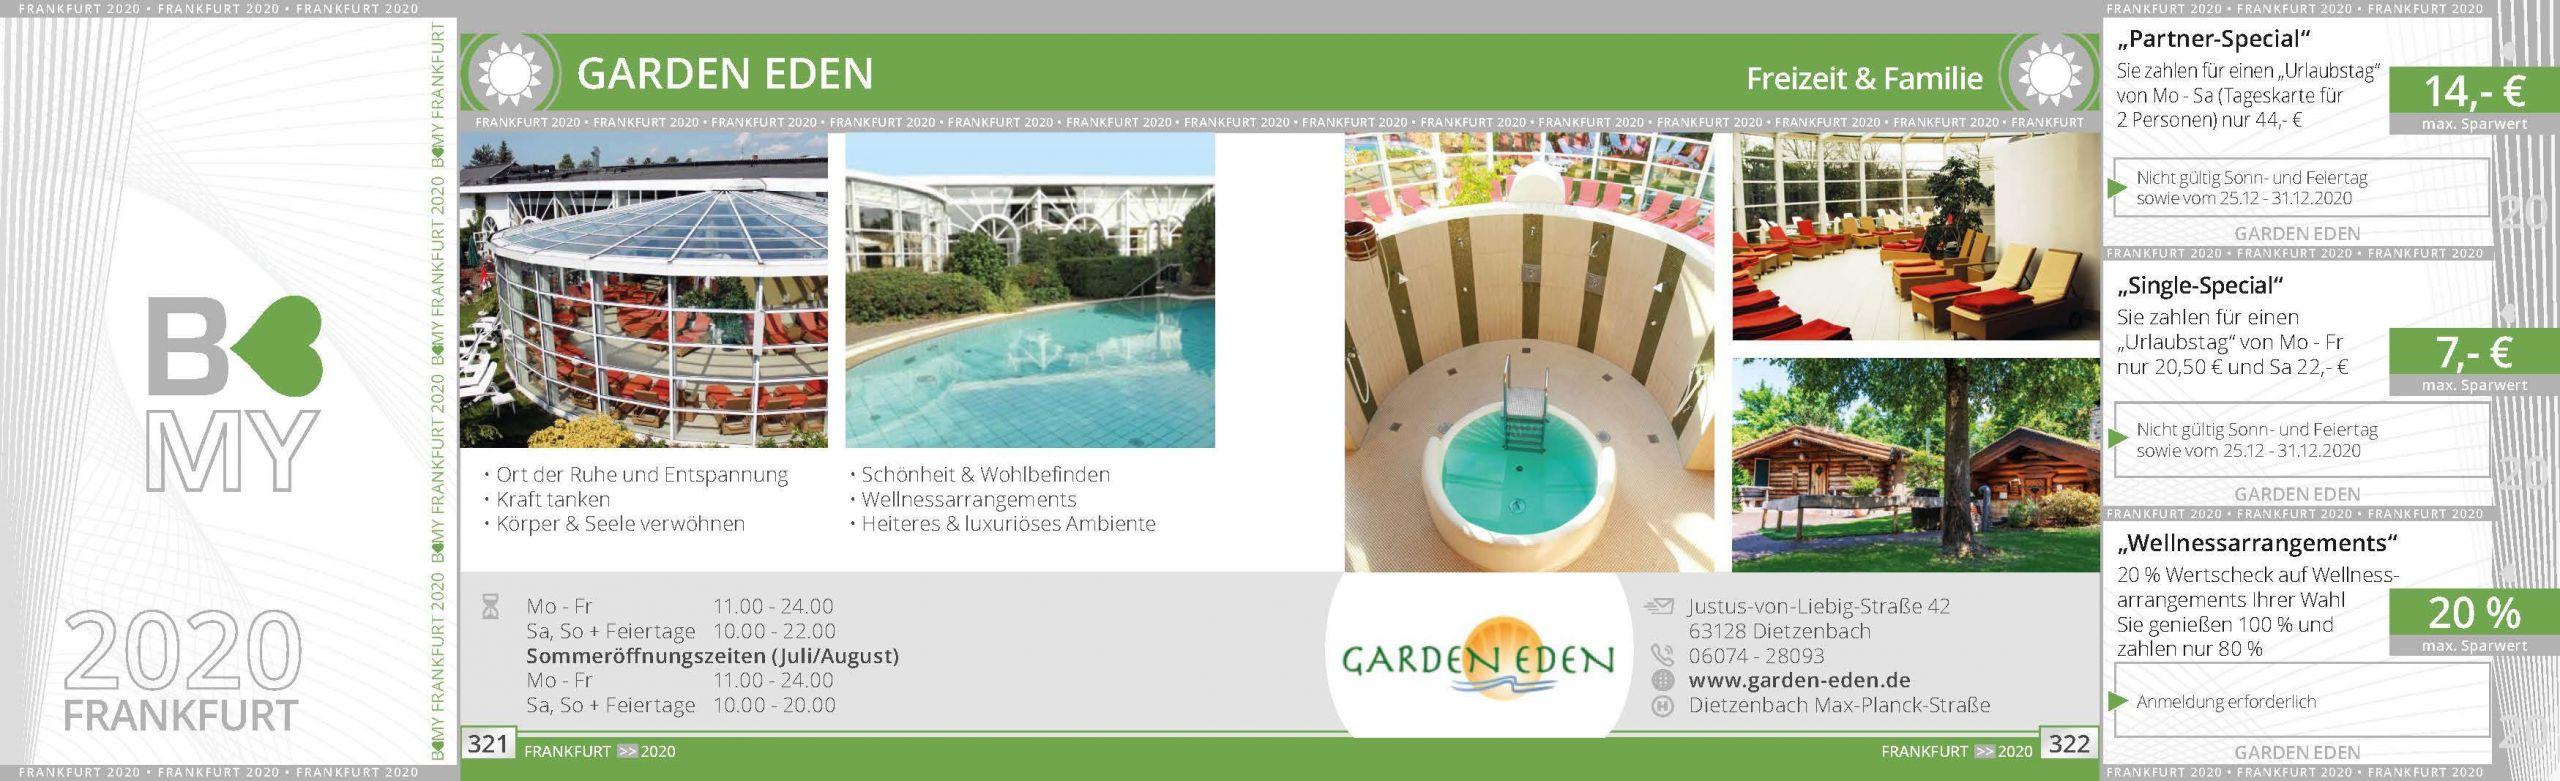 Garten Eden Sauna Das Beste Von Freizeit & Familie Partner 2020